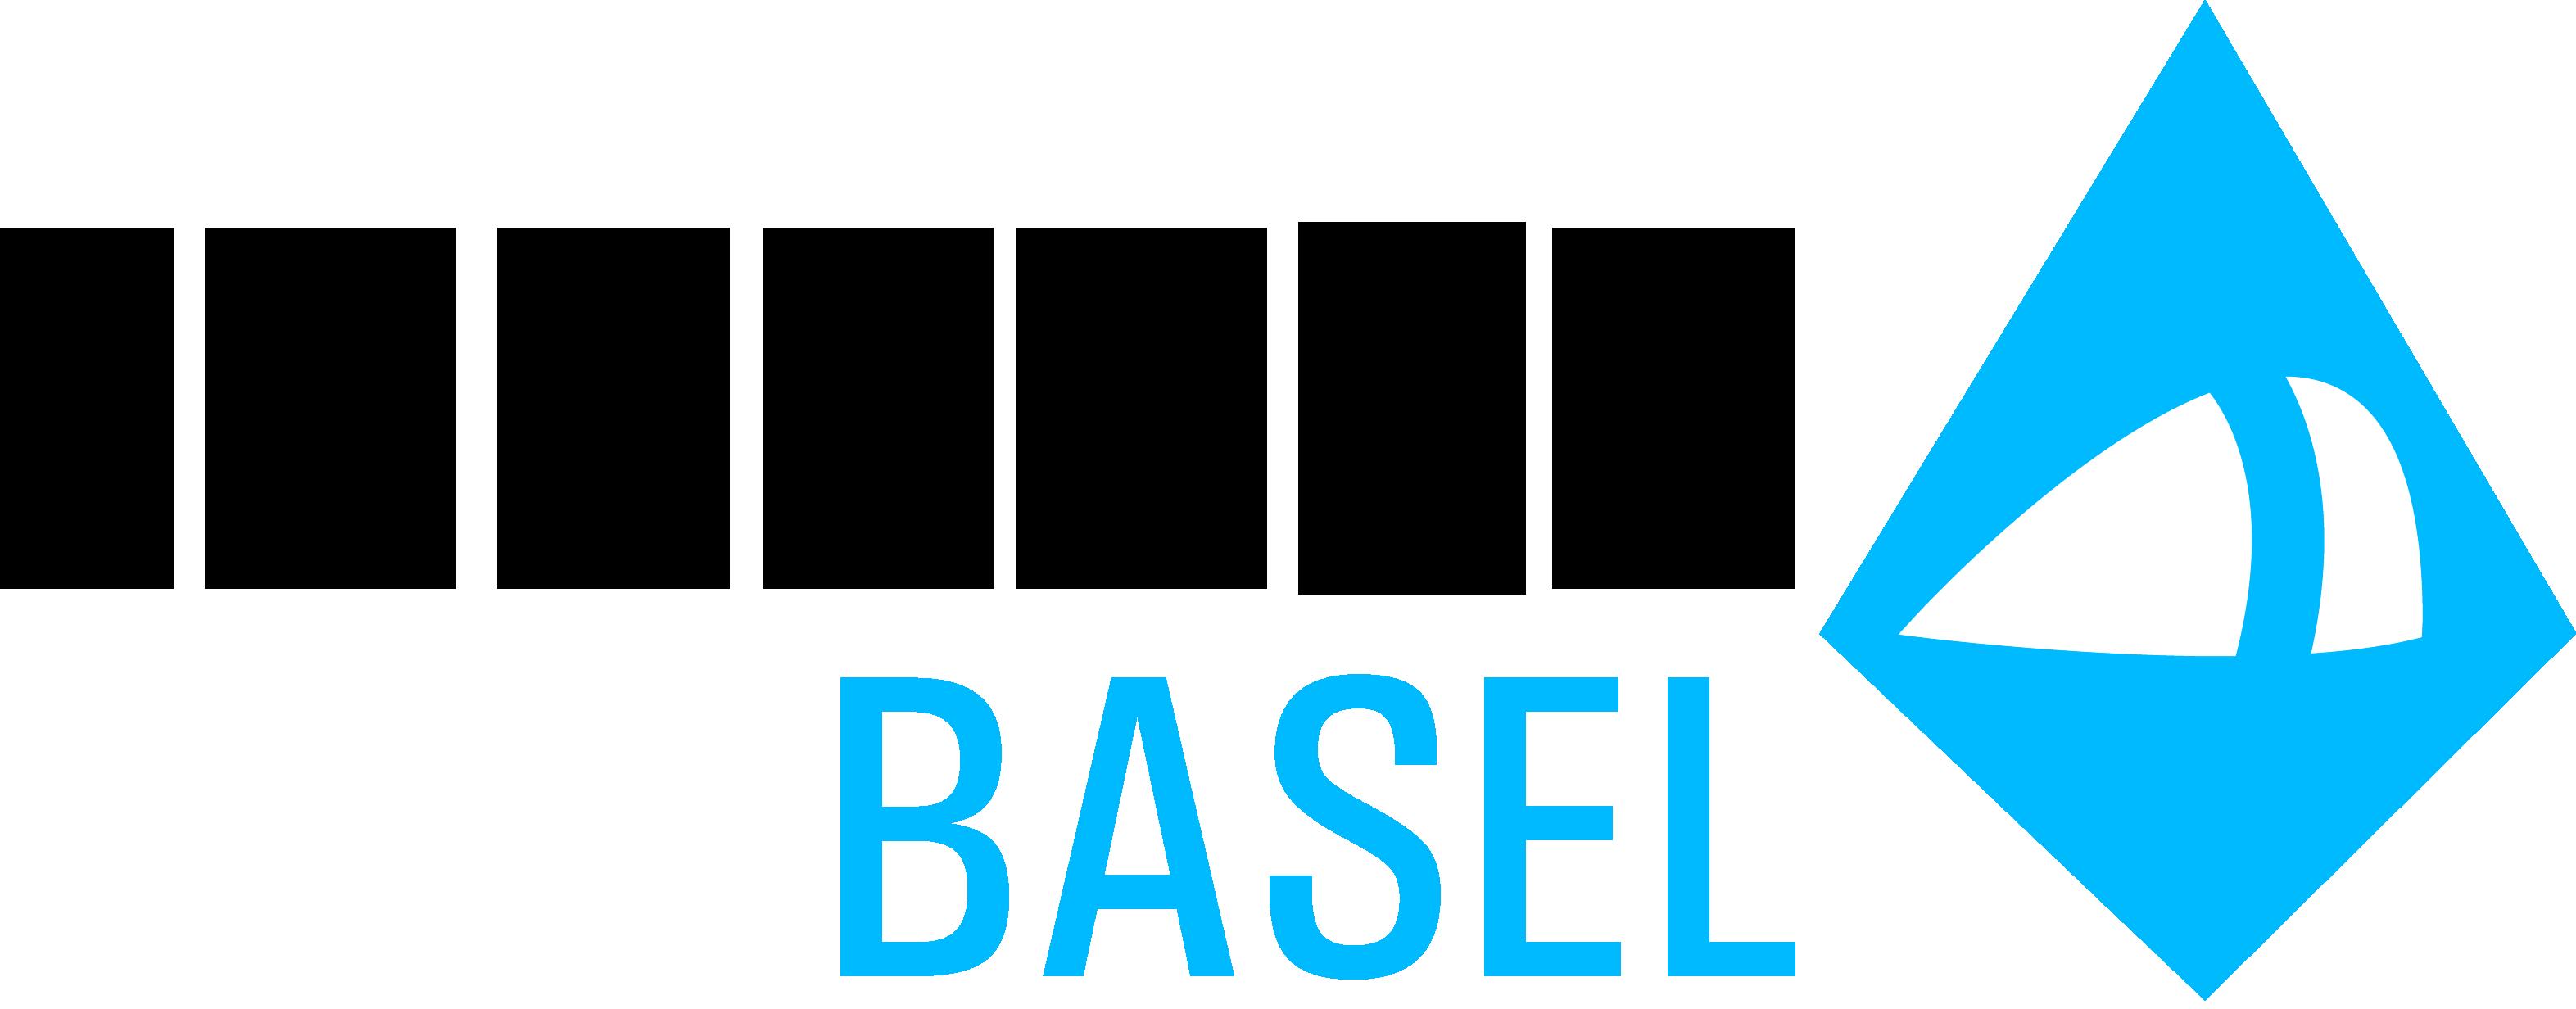 Logo_FantasyBasel_RGB_web-1